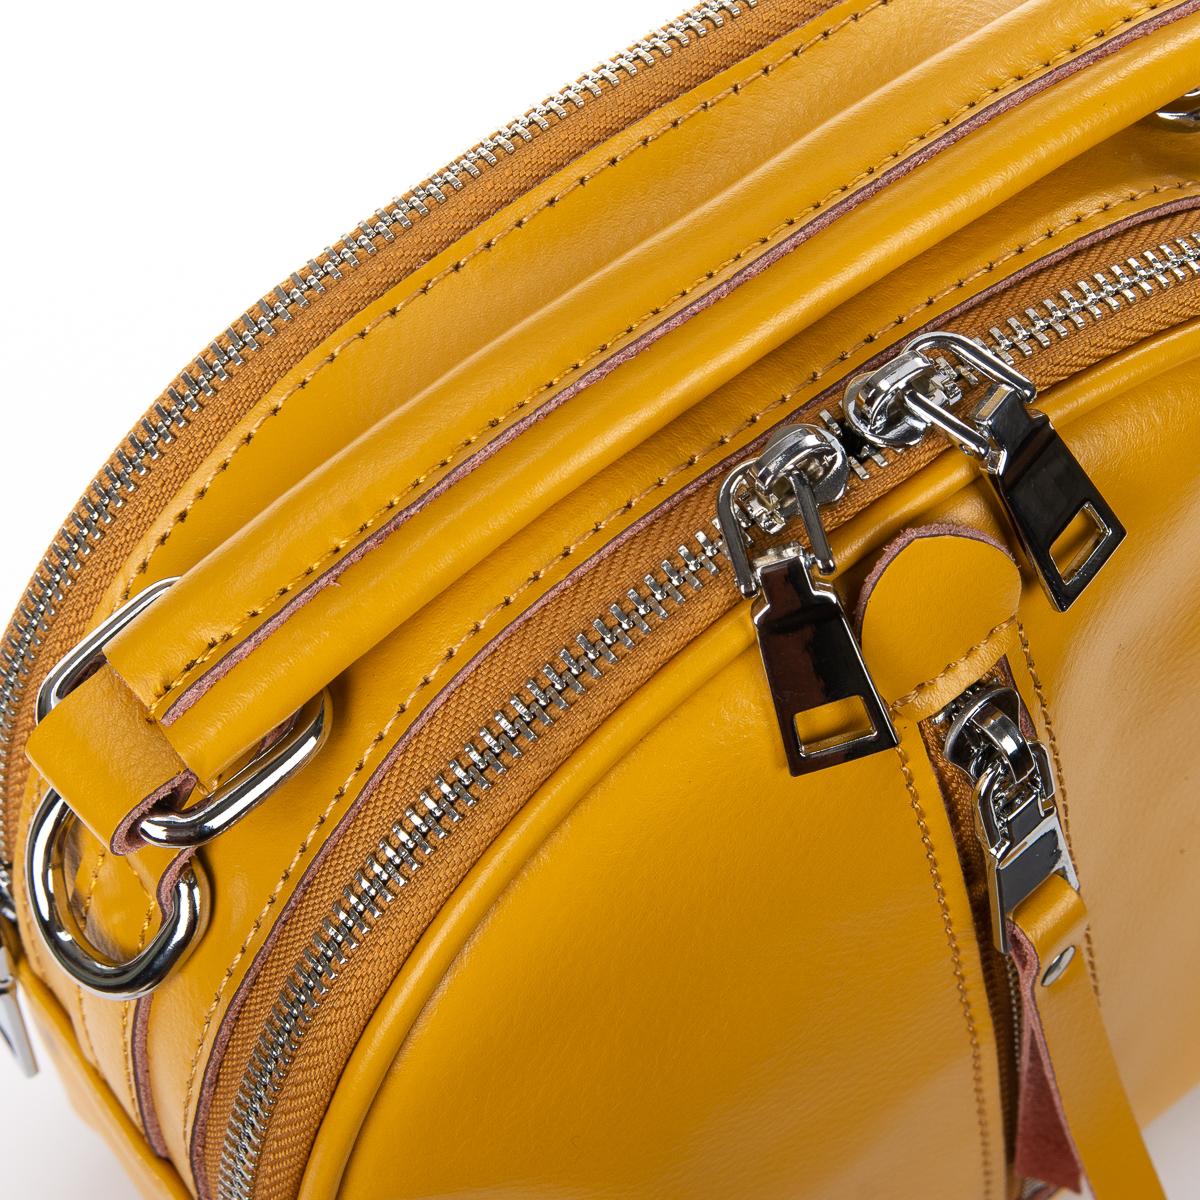 Сумка Женская Клатч кожа ALEX RAI 06-1 339 yellow - фото 3